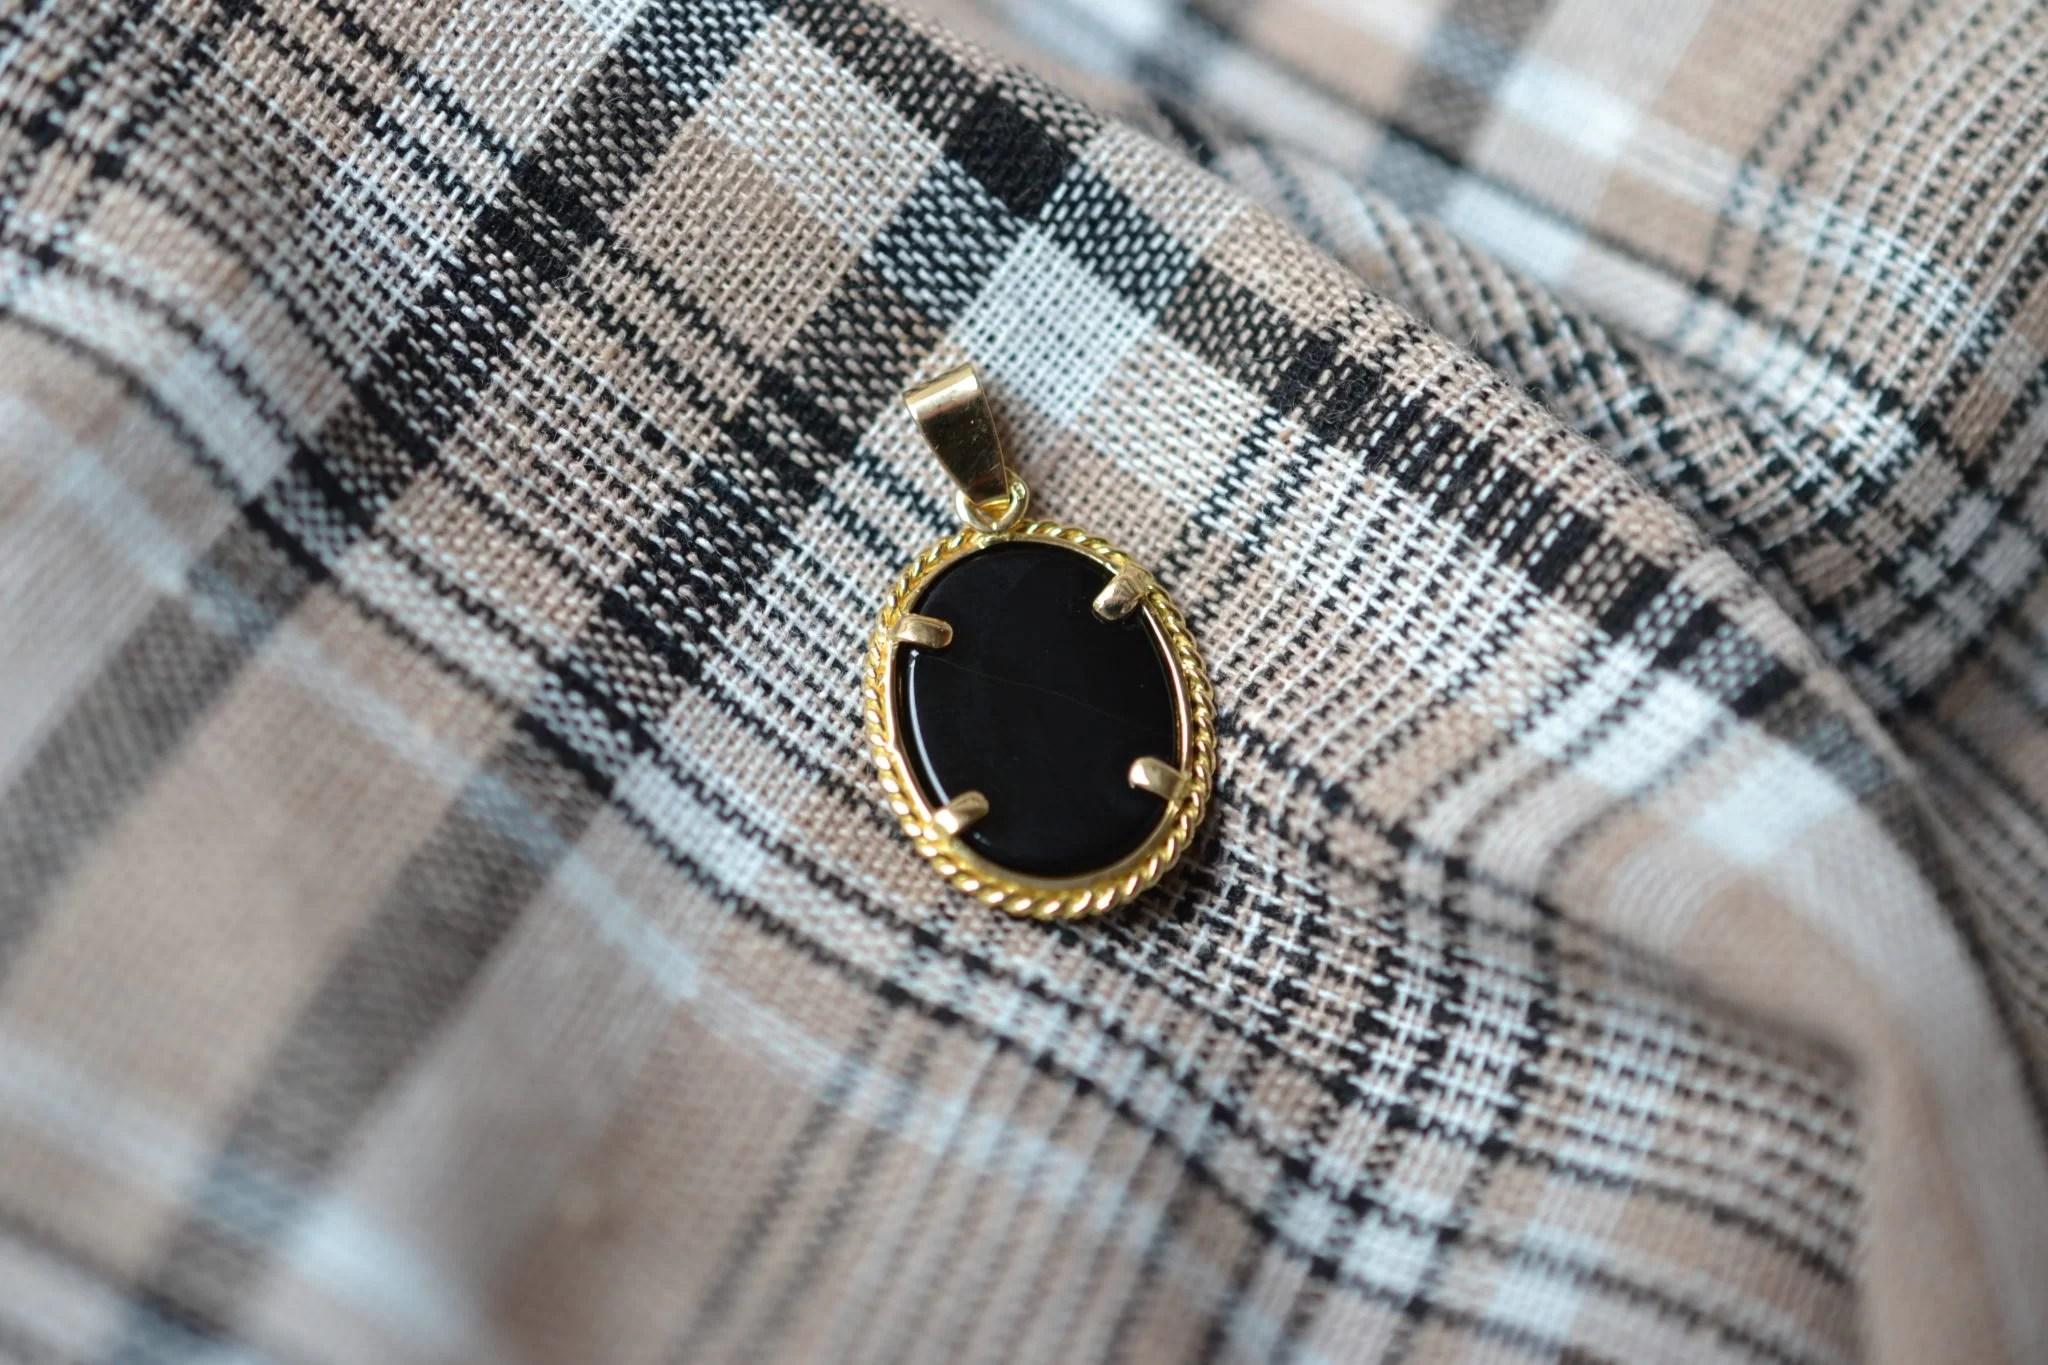 Pendentif en Or jaune serti d_un camée au profil de femme sur une plaque d'Onyx - bijou rétro